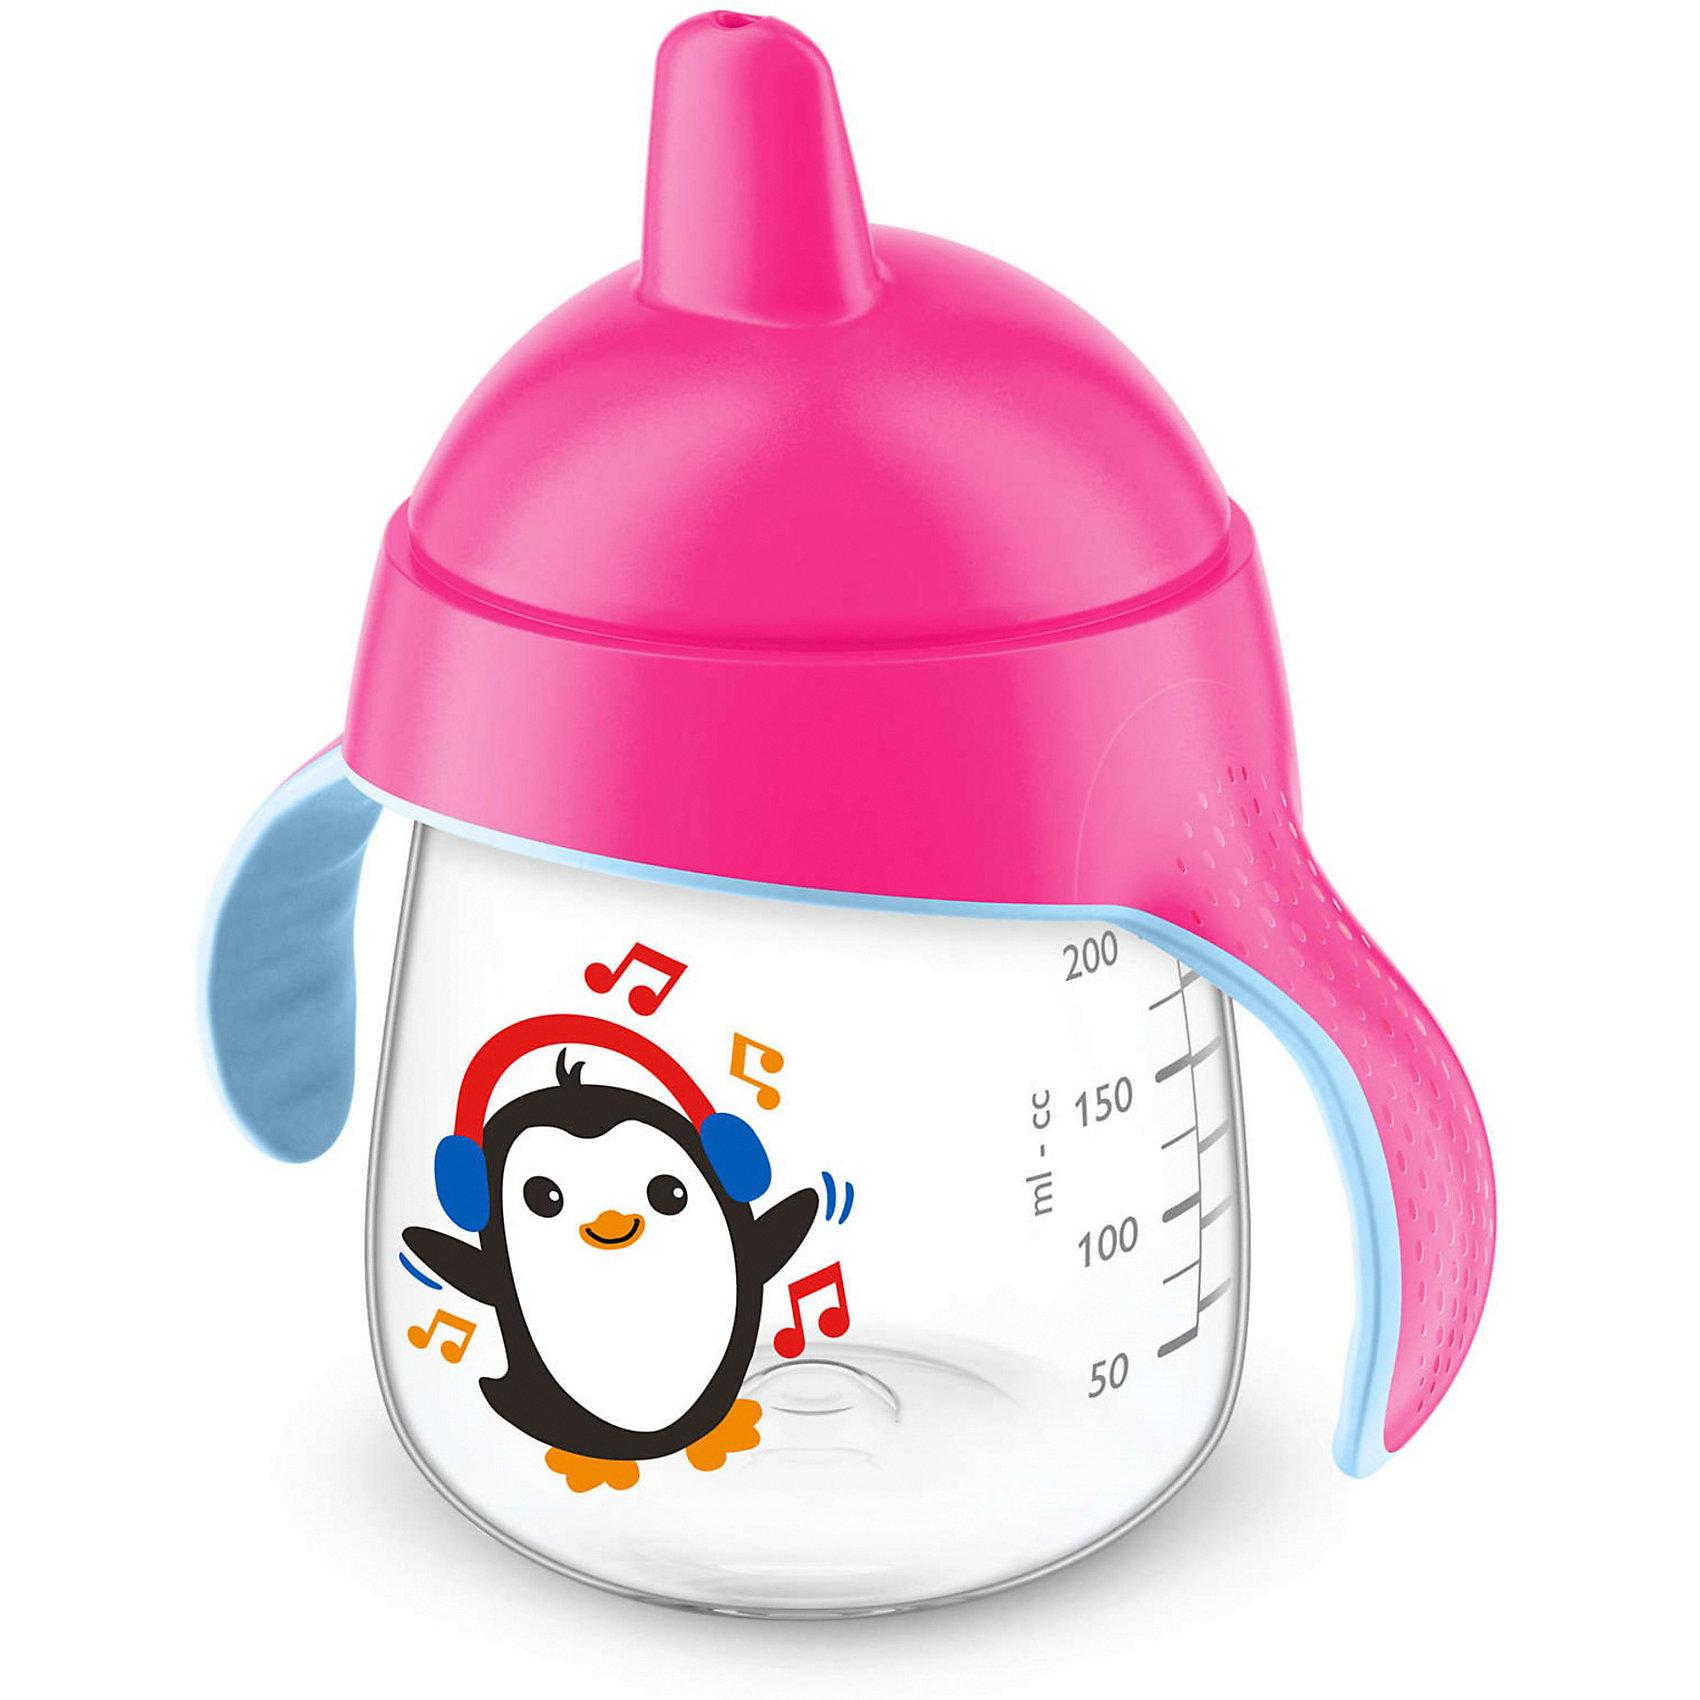 Чашка-поильник, 260 мл, 12 мес+, Philips Avent, розовыйПоильники<br>Такая чашка без труда поможет Вашему ребенку отучиться   от бутылочки! Она оснащена специальным клапаном, который предотвращает проливание. Мягкий носик, расположенный под углом, облегчает питье из чашки и предотвращает повреждение нежных десен ребенка.<br><br>Особенности:<br>- Для большего удобства, носик расположен под углом.<br>- Мягкие силиконовые ручки.<br>- Чашка не содержит БИСФЕНОЛ-А.<br>- Можно мыть в посудомоечной машине.<br>- Легко превращается в обычную чашку.<br><br>Дополнительная информация:<br><br>- Возраст: от 12 месяцев.<br>- Объем: 260 мл.<br>- Цвет: розовый.<br>- Размер упаковки: 9х12,5х19,8 см..<br>- Вес в упаковке: 112 г.<br><br>Купить чашку-поильник Philips Avent в розовом цвете, можно в нашем магазине.<br><br>Ширина мм: 90<br>Глубина мм: 125<br>Высота мм: 198<br>Вес г: 112<br>Возраст от месяцев: 12<br>Возраст до месяцев: 36<br>Пол: Женский<br>Возраст: Детский<br>SKU: 4880872